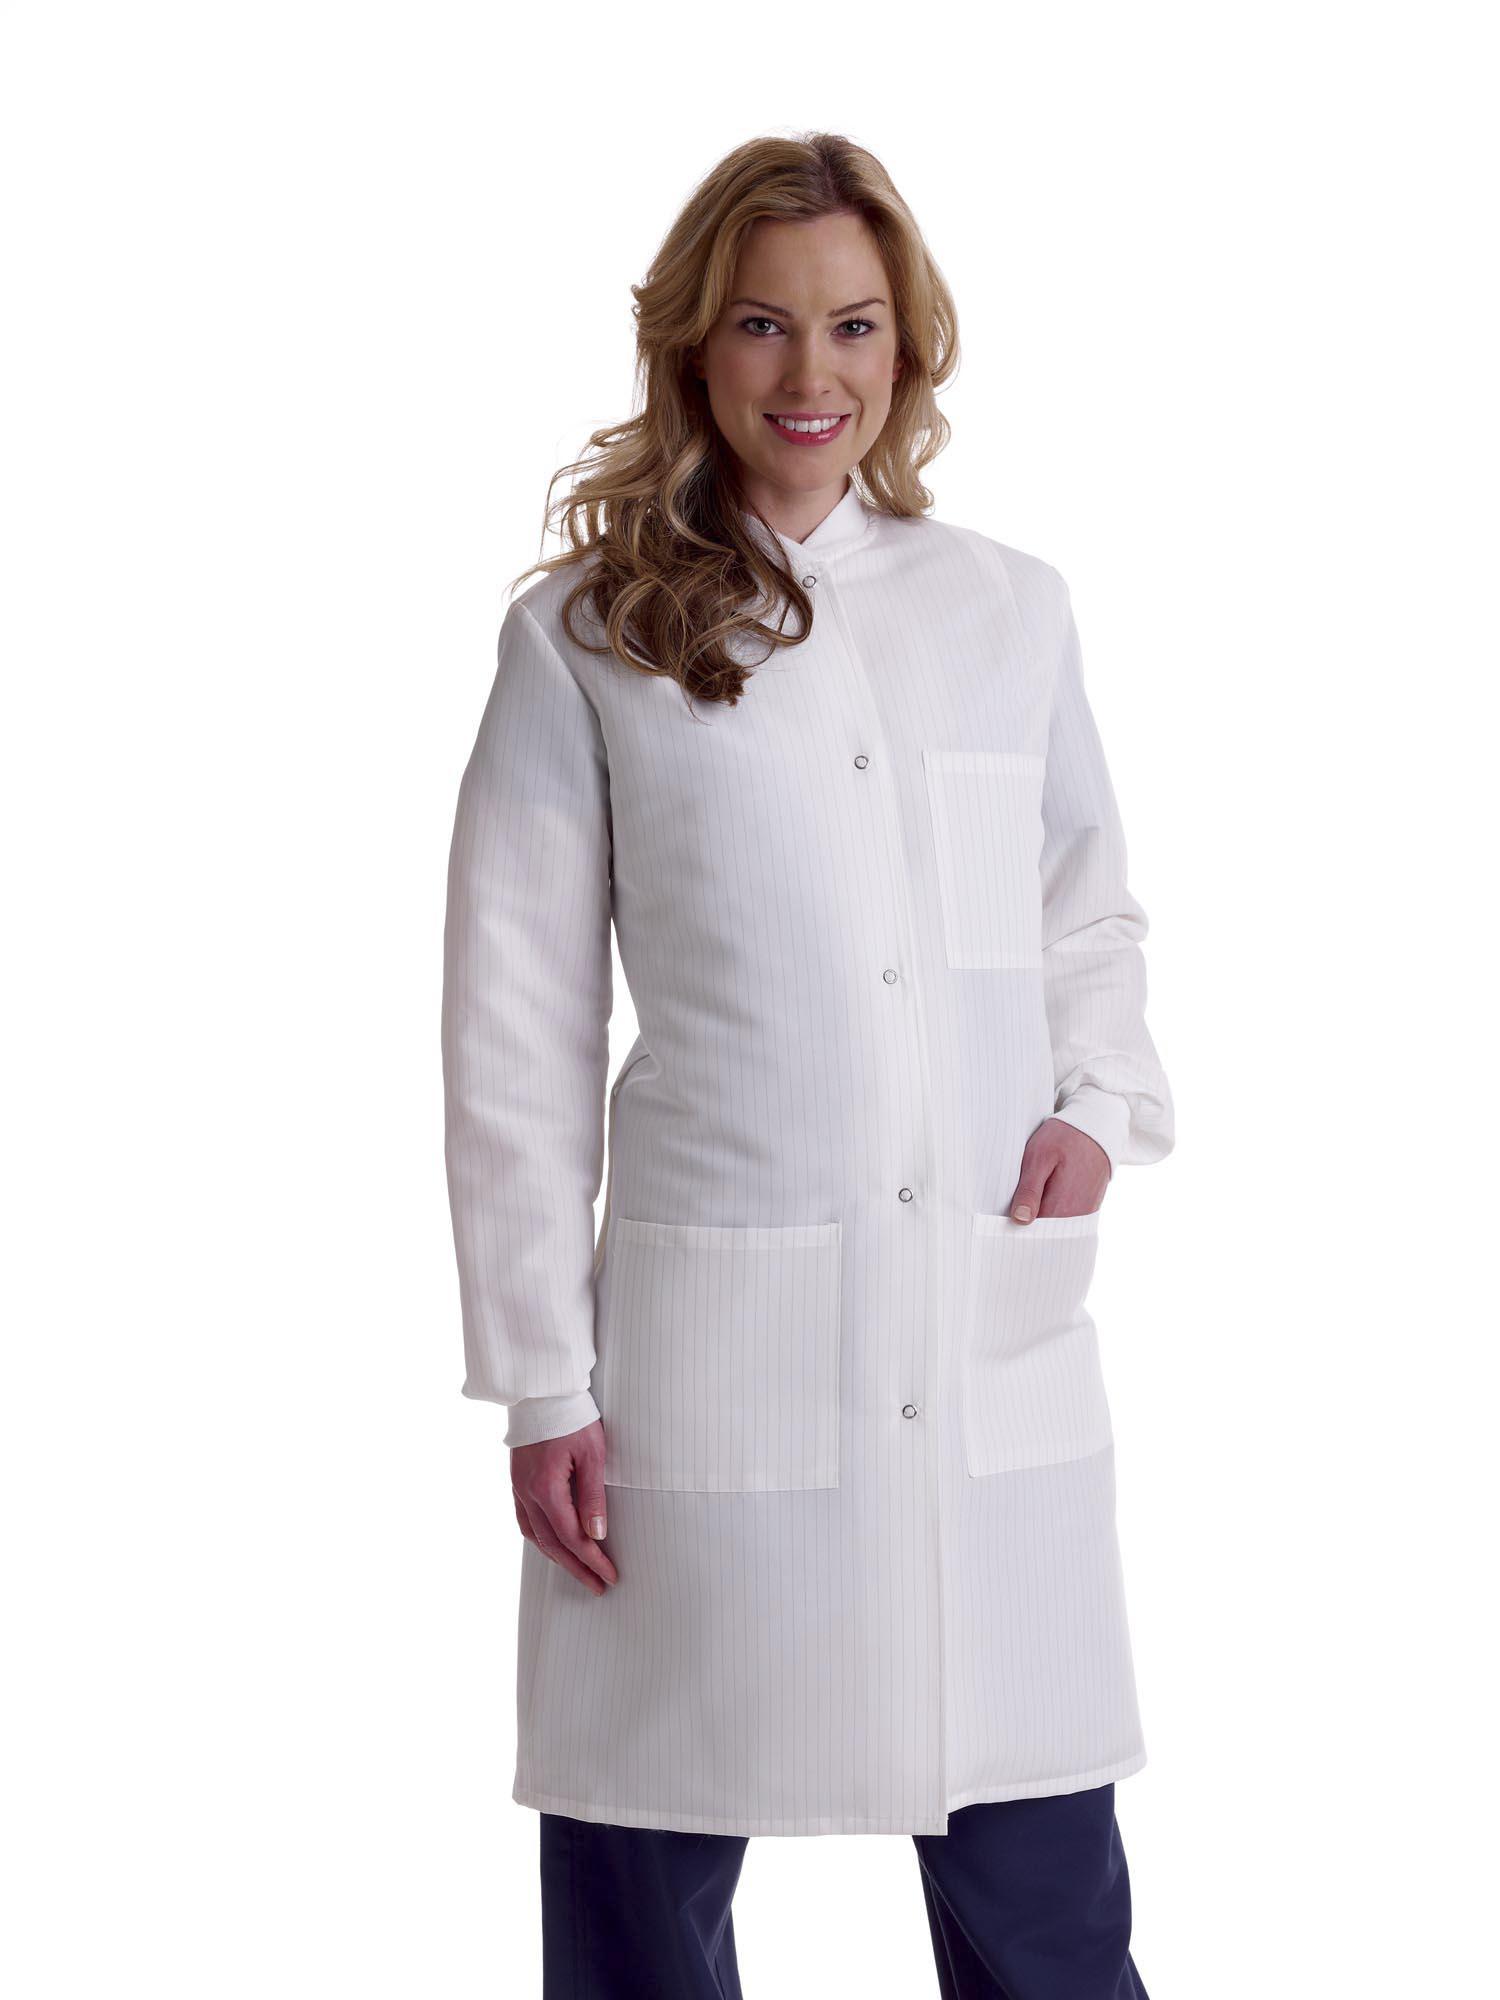 Resistat Lab Coats